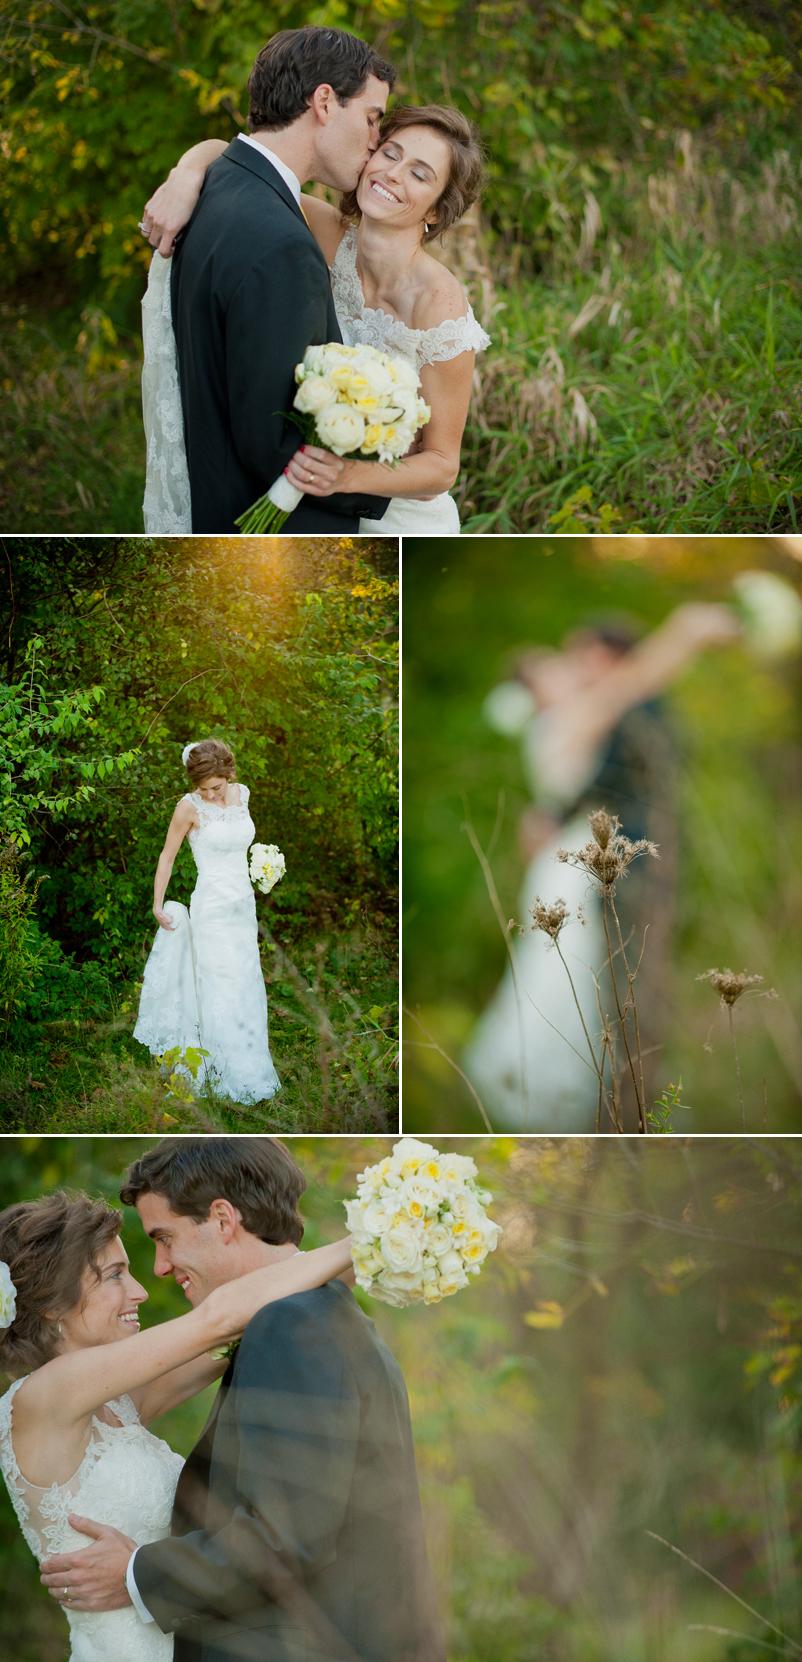 Fall Chicago Wedding, Glen Ellyn Bible Church Wedding, Chicagoland Wedding Photography